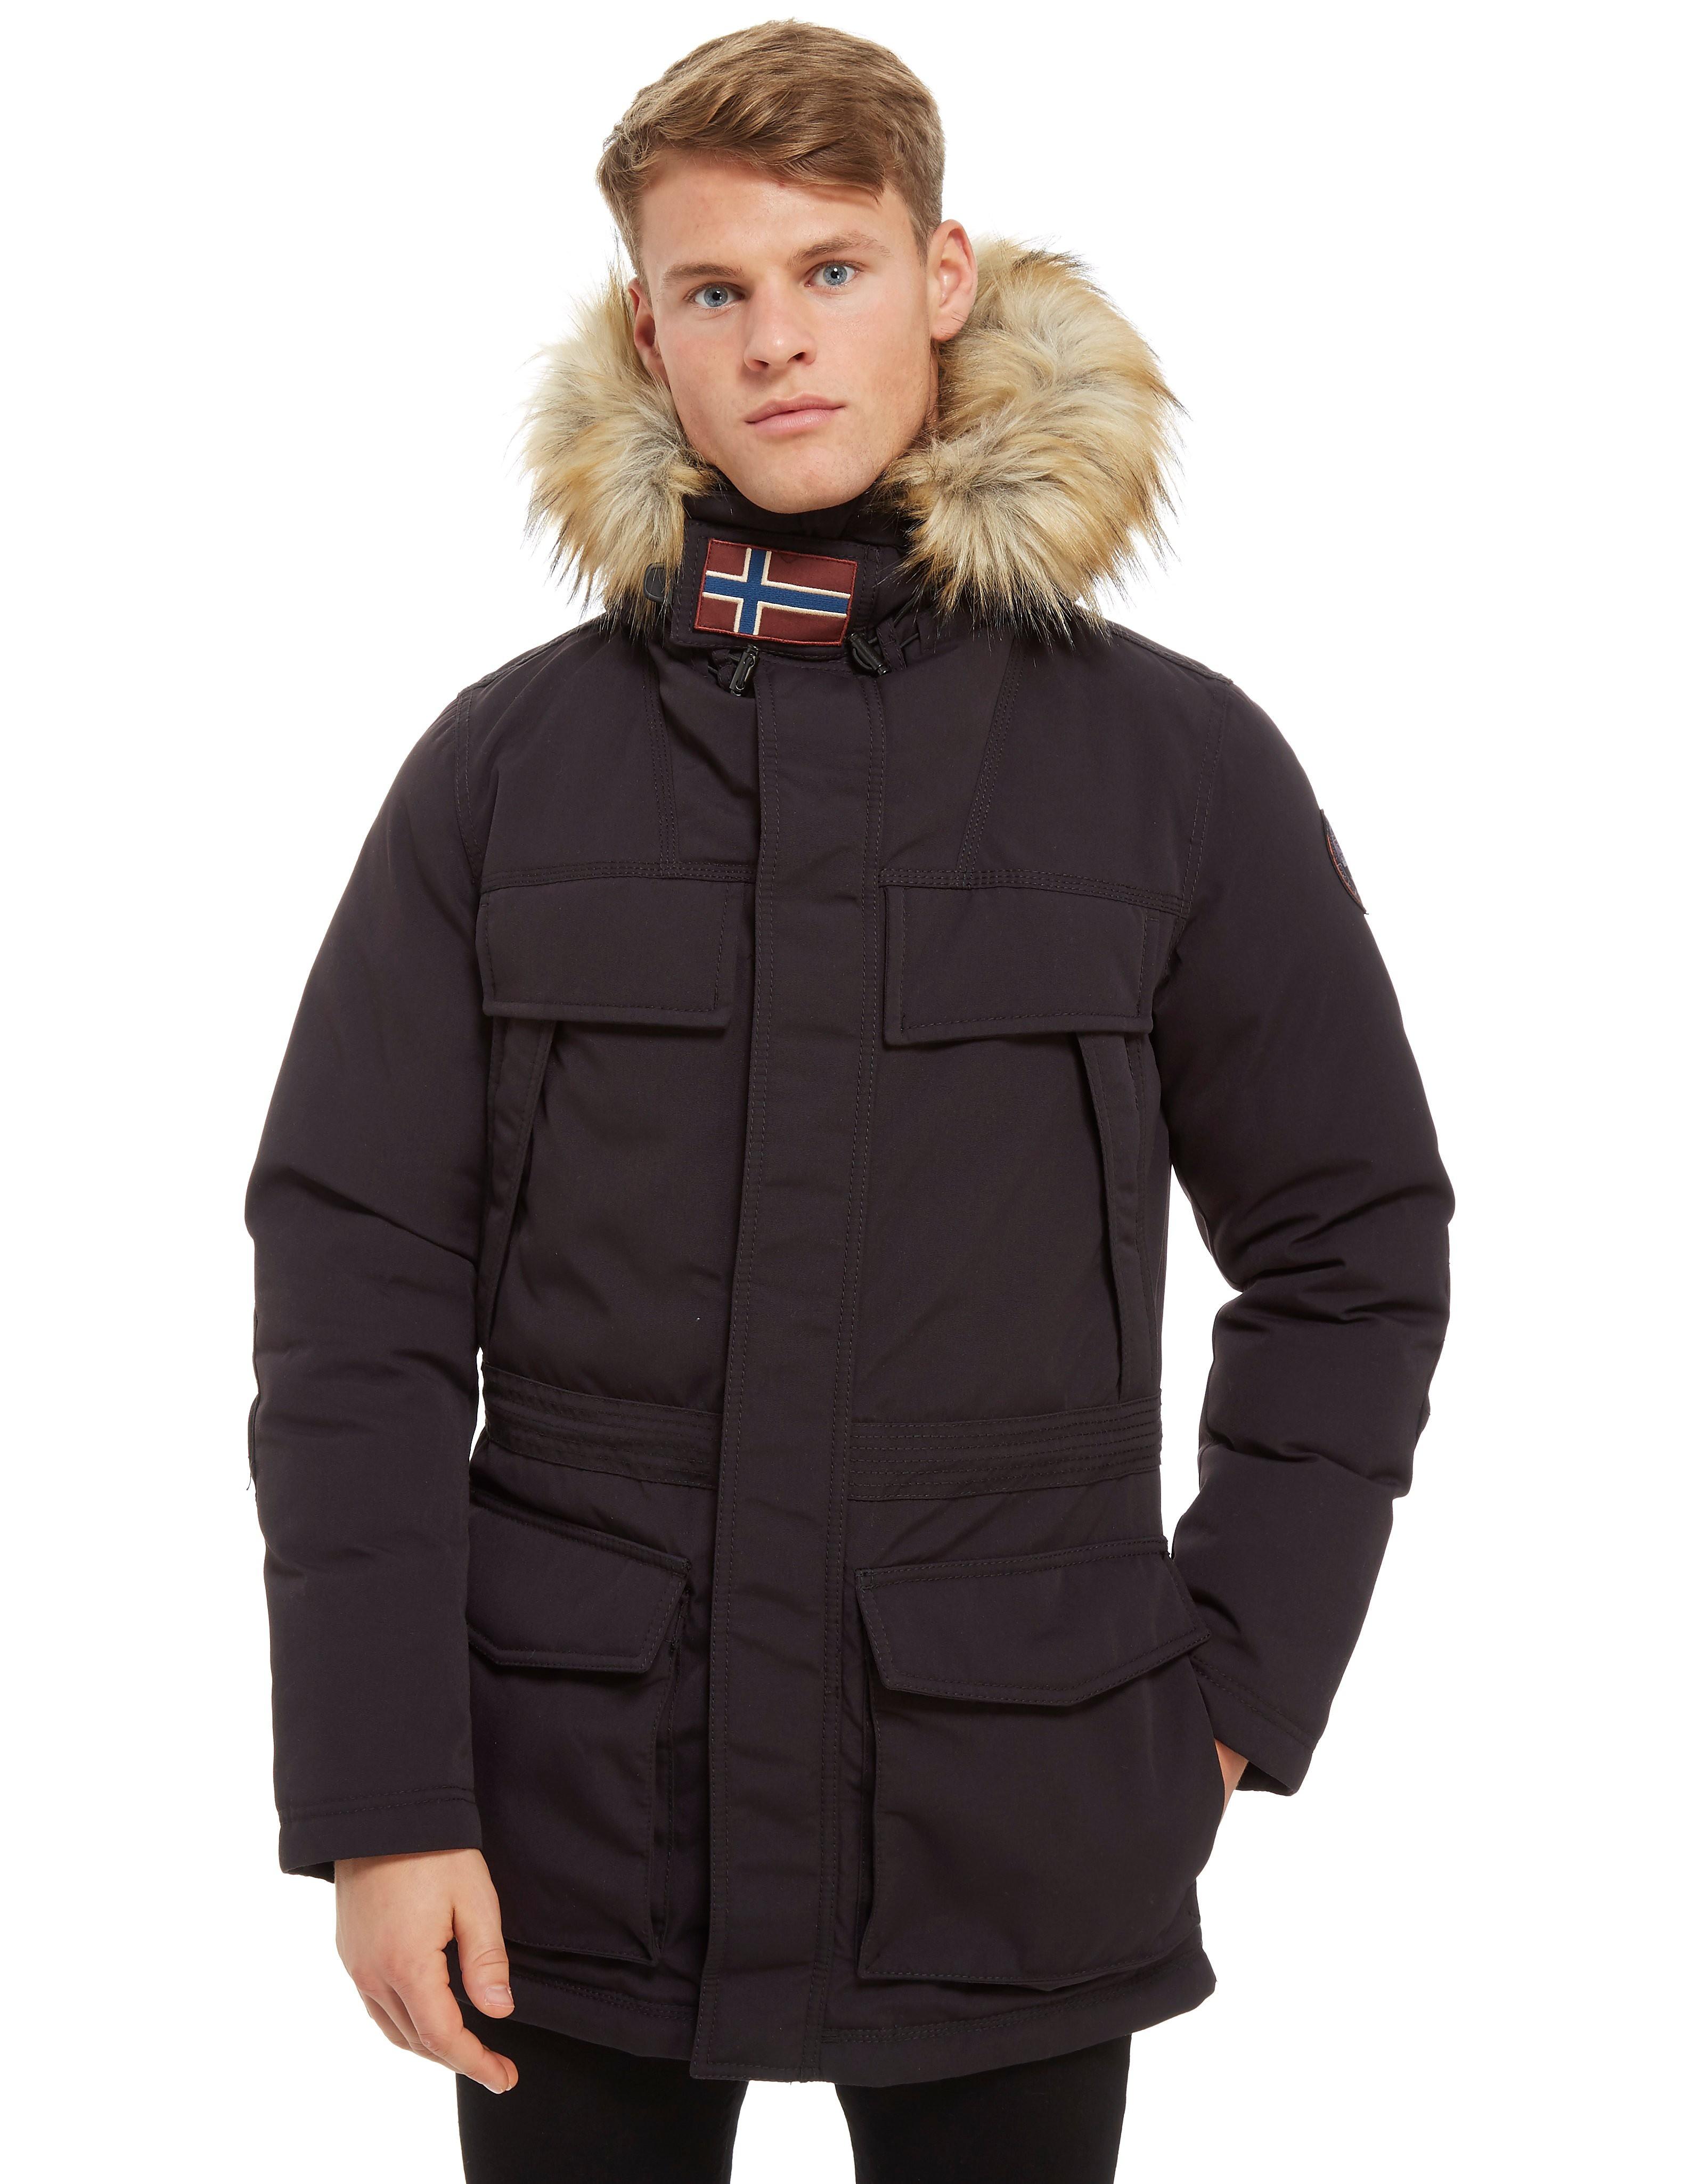 Napapijri Skidoo Long Zip Through Parka Jacket